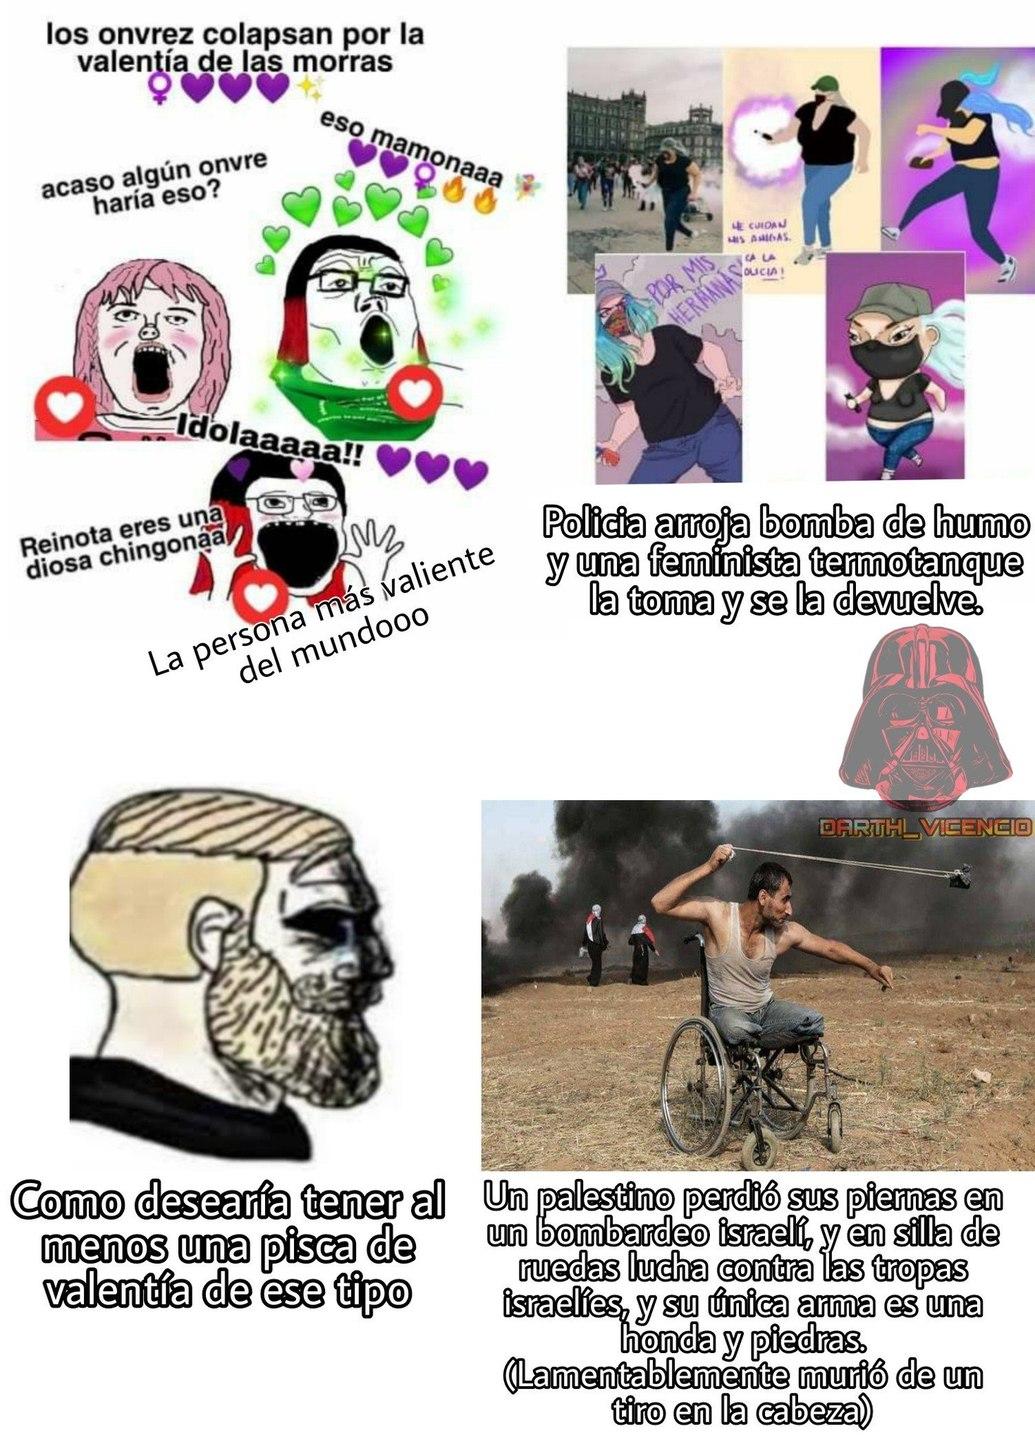 VALENTIA VERDADERA la del Palestino - meme